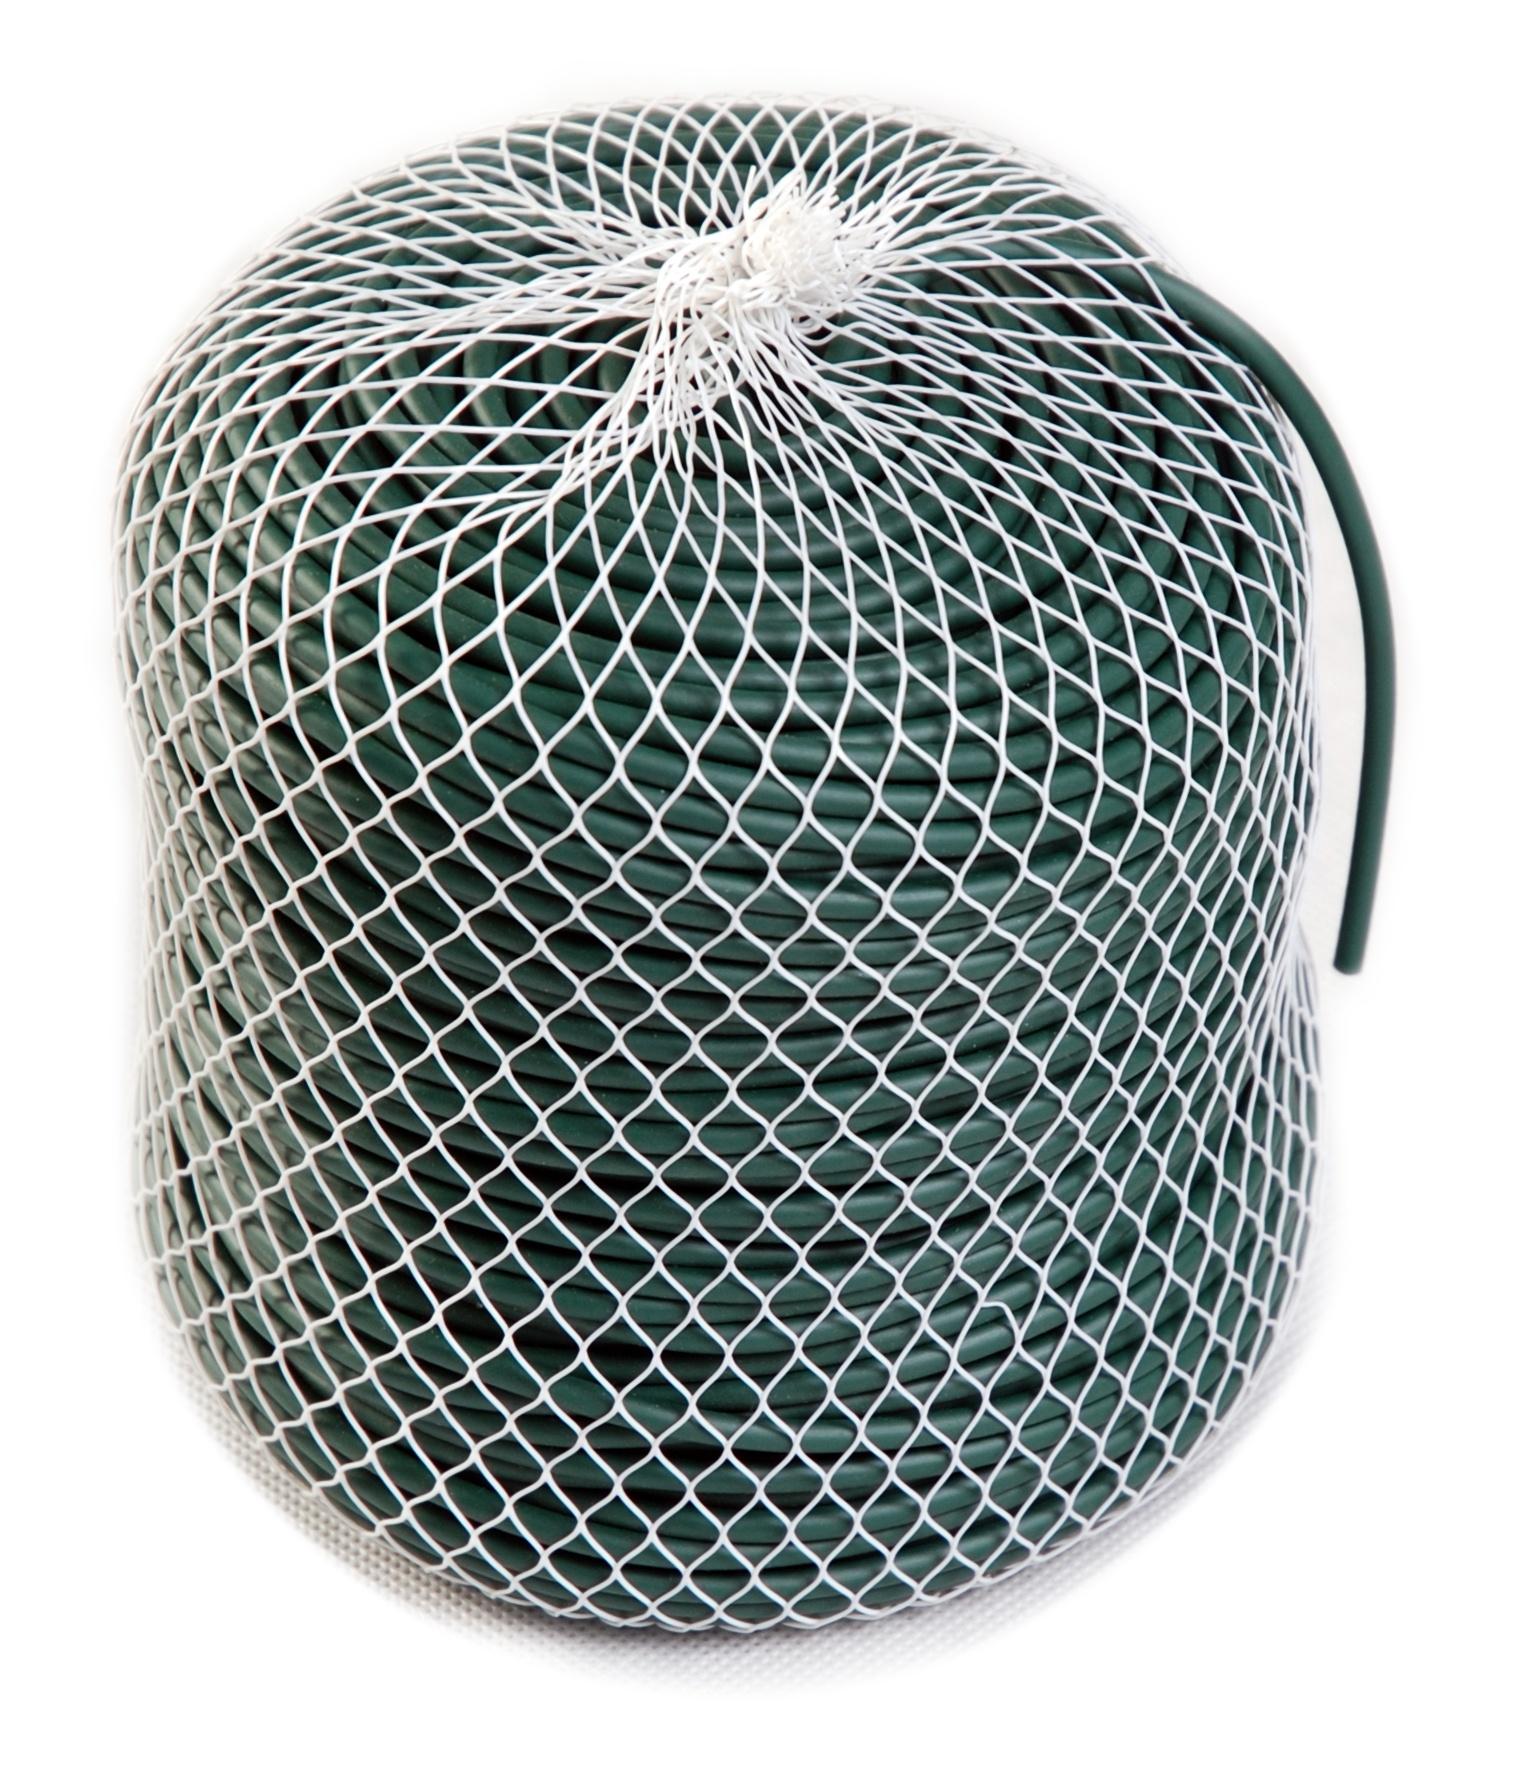 Wężyk ogrodniczy 0,5 i 0,9 kg